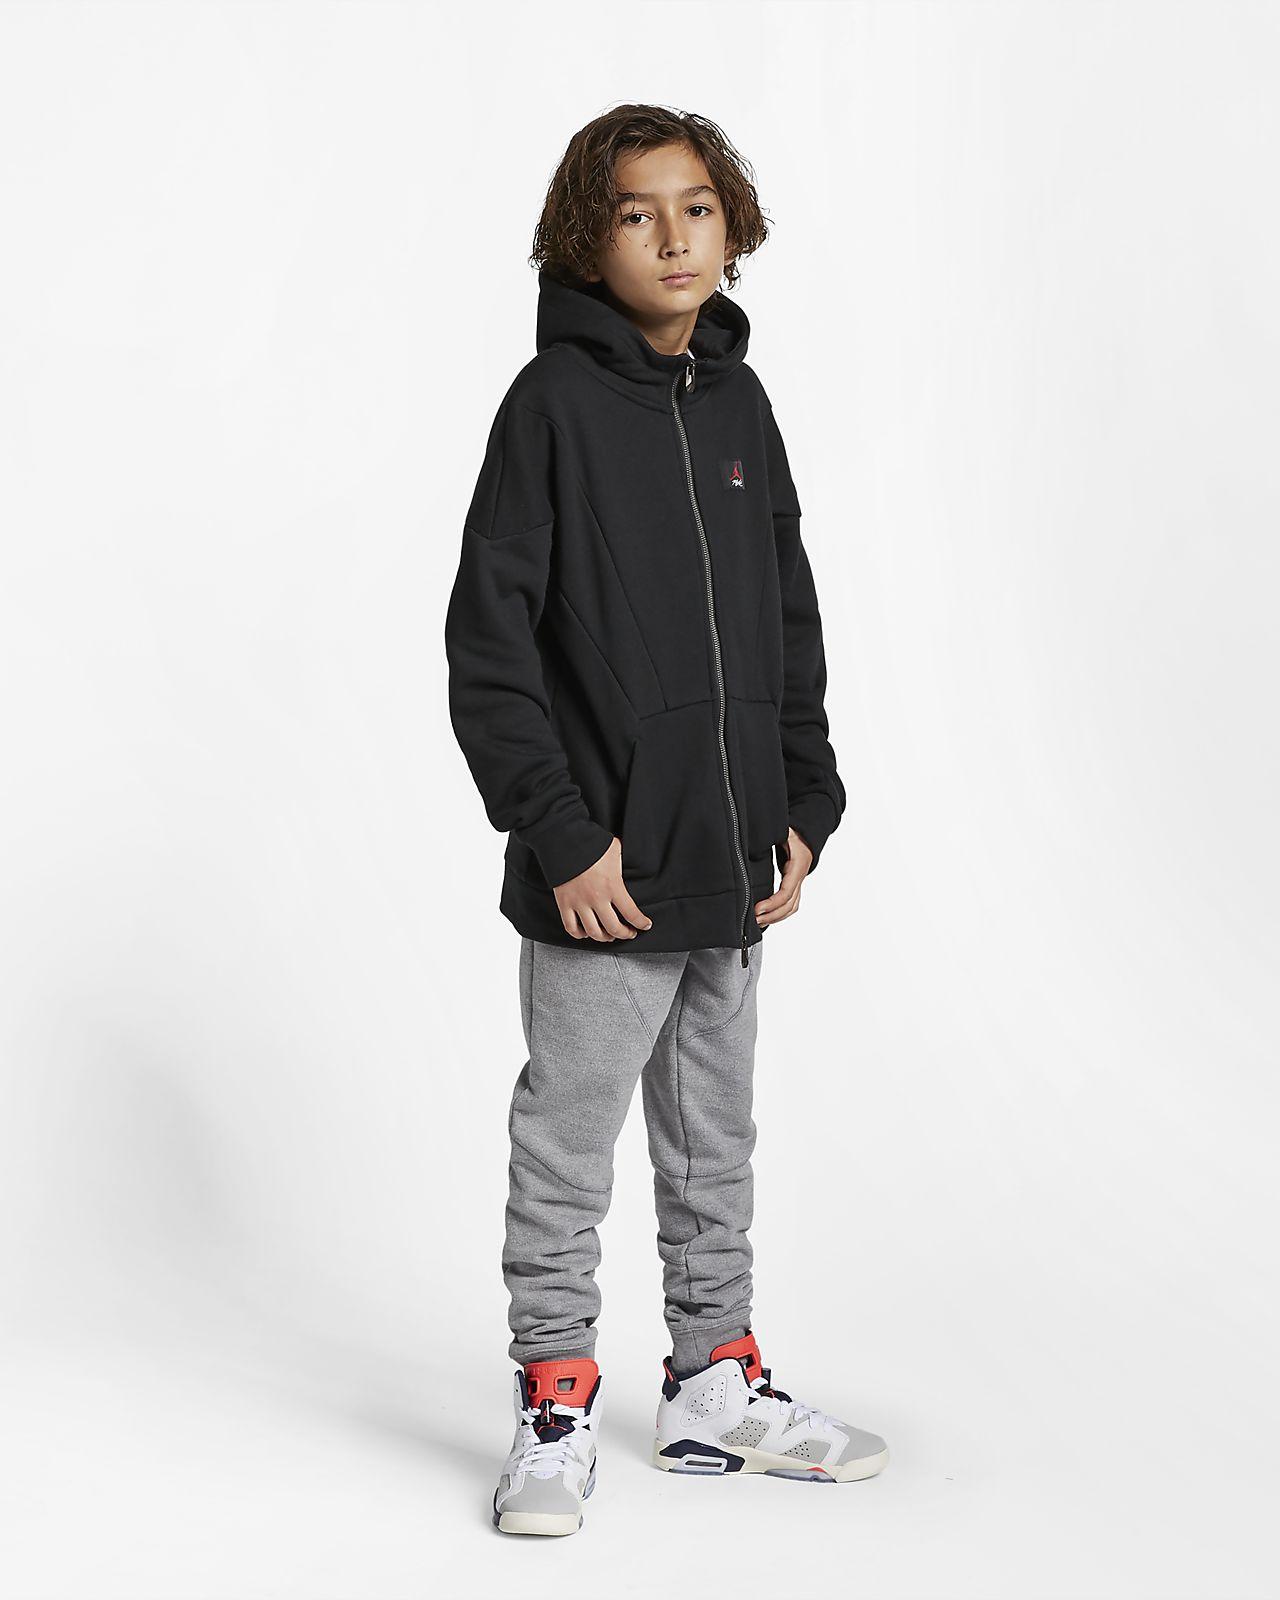 c62f37af051a Jordan Flight Lite Big Kids  (Boys ) Full-Zip Hoodie. Nike.com